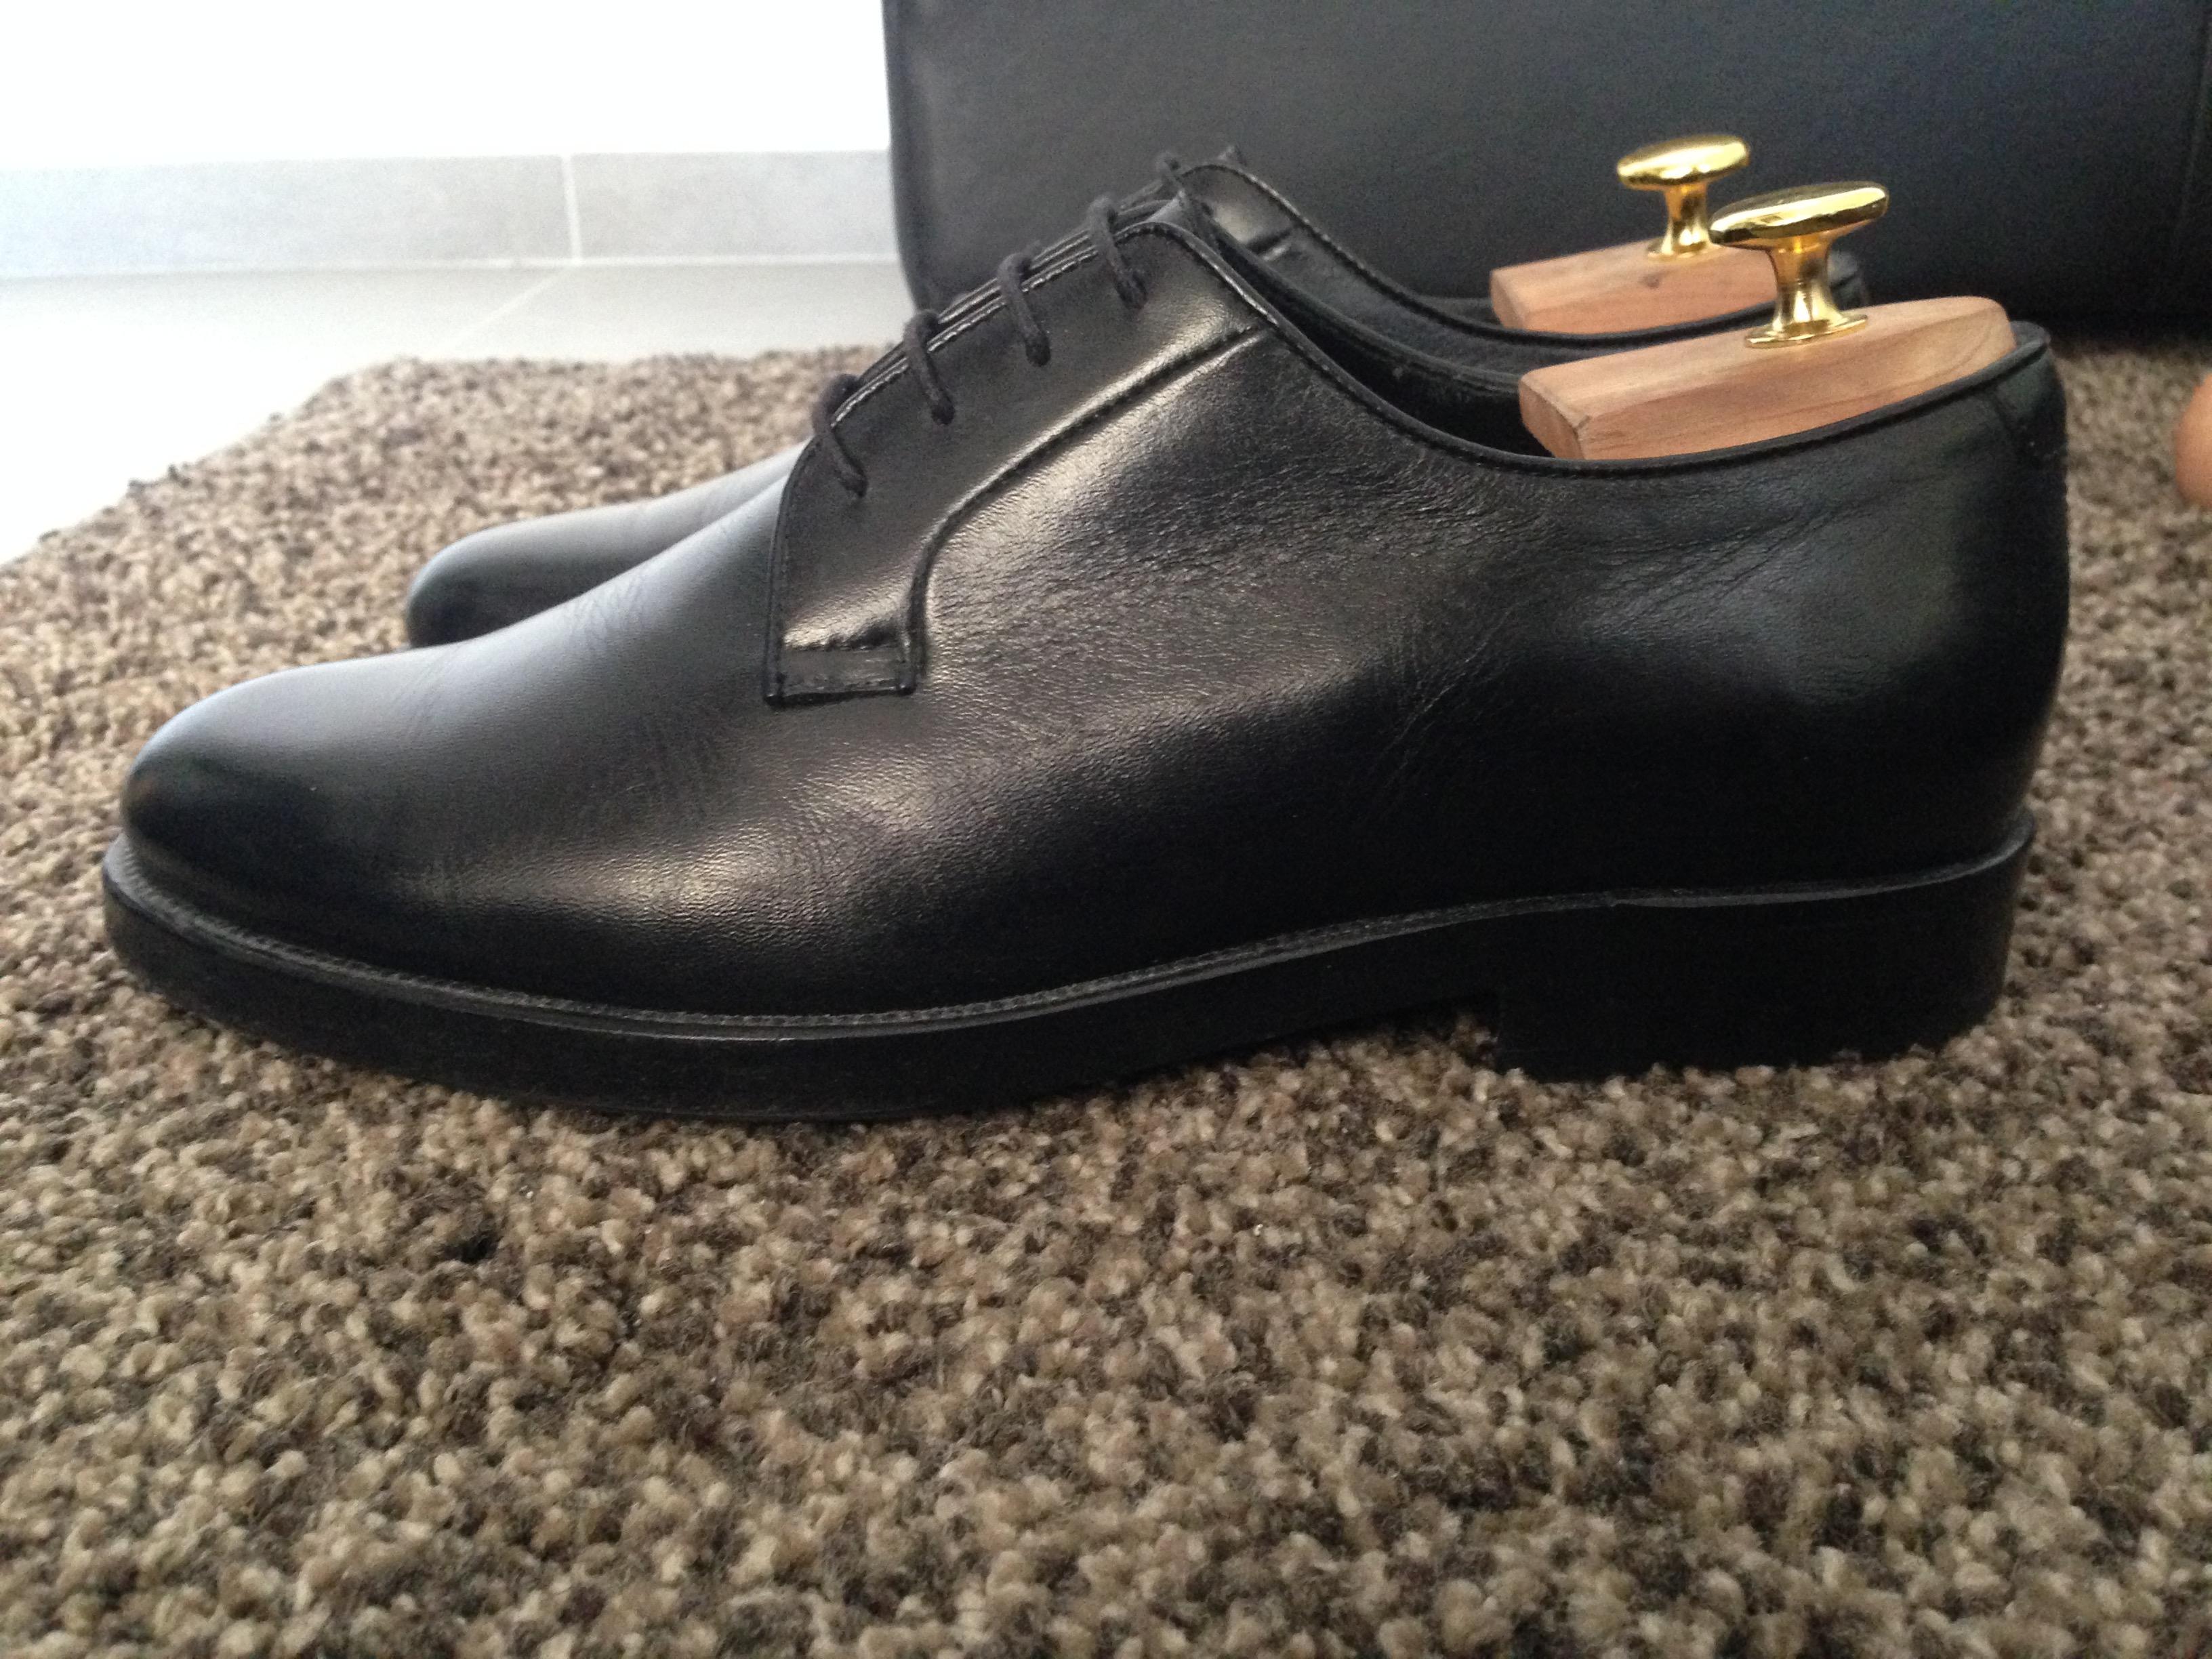 7f3b5dcd8113af Mr. Hare Bernard Calfskin Black Commando Sole Size 7 - Formal Shoes ...